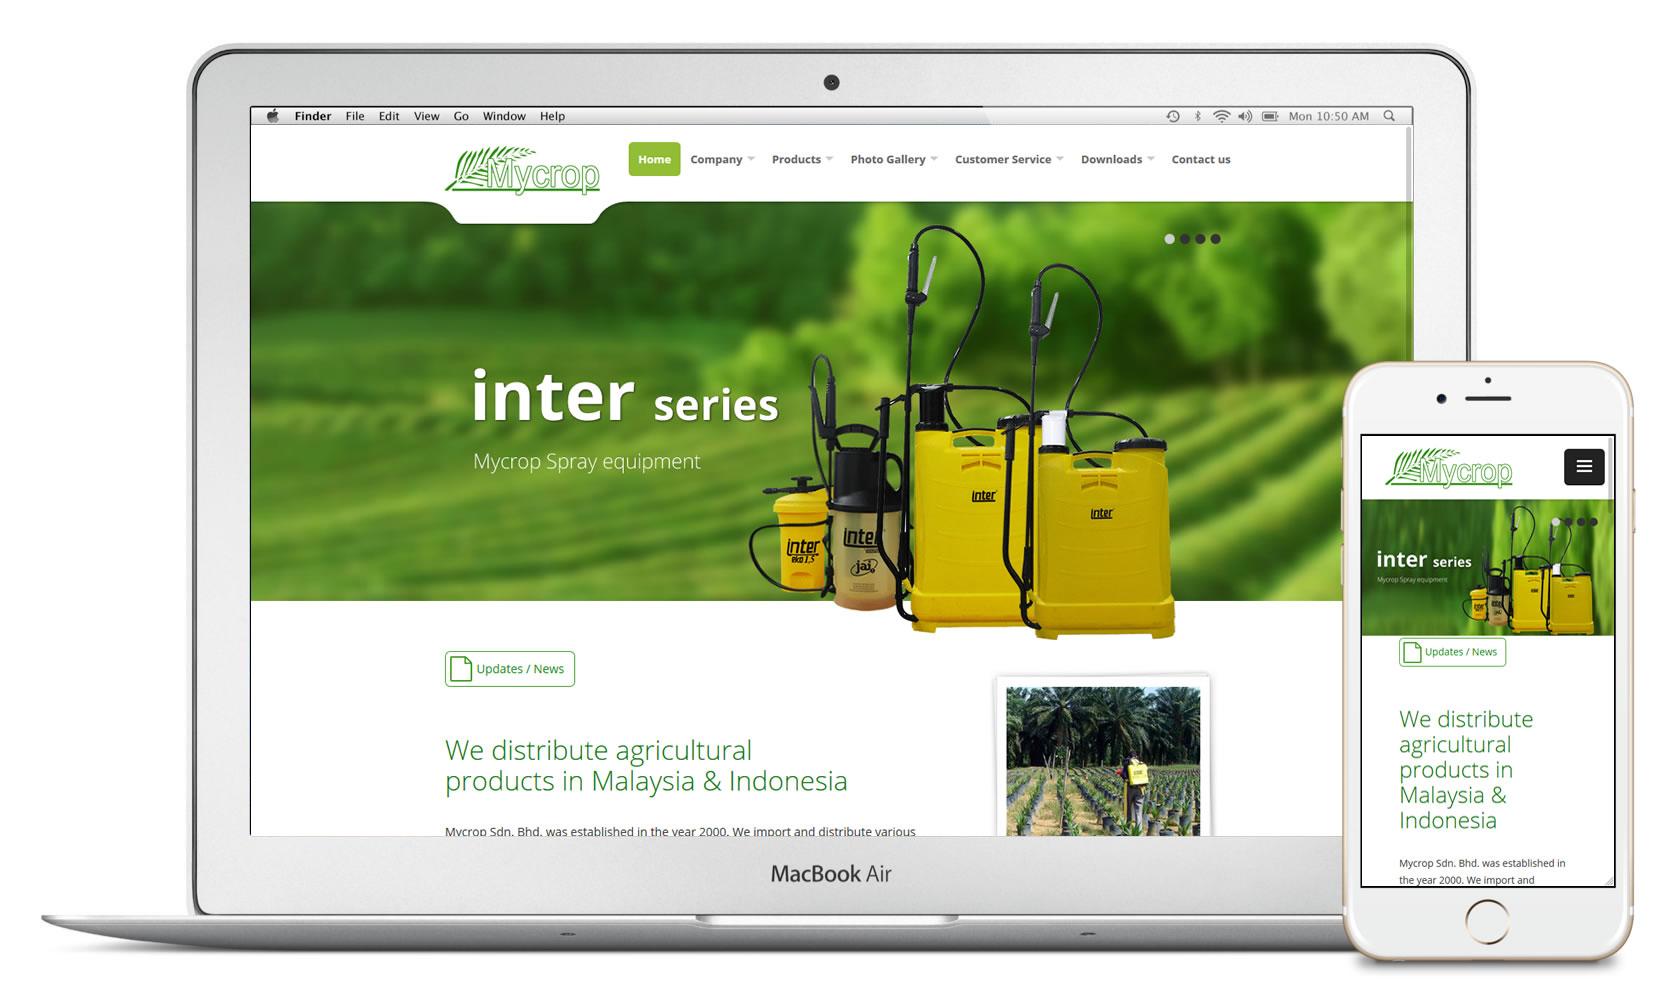 MyCrop website